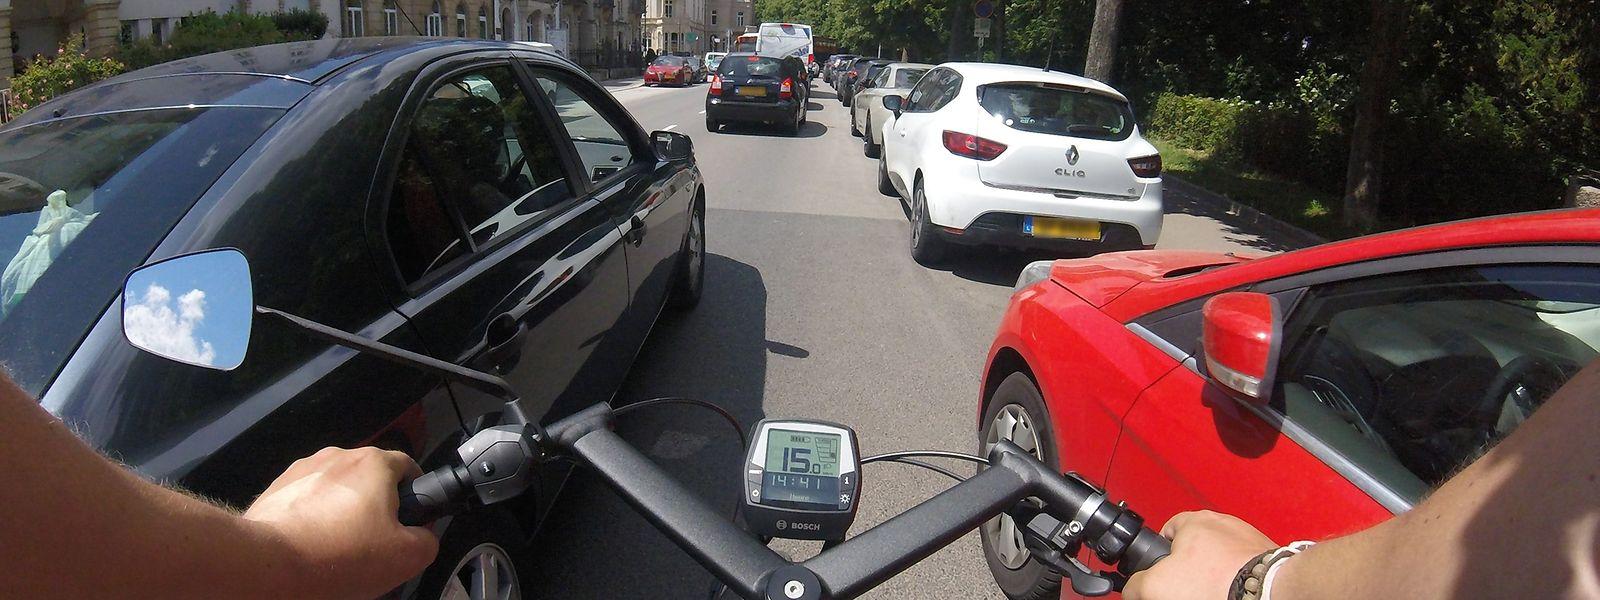 Radfahrer werden alltäglich mit Autofahrern konfrontiert, die sehr dicht an ihnen vorbeifahren. Dass die Fahrzeuglenker den Mensch auf dem Zweirad dabei in akute Lebensgefahr bringen, scheint vielen nicht bewusst zu sein.